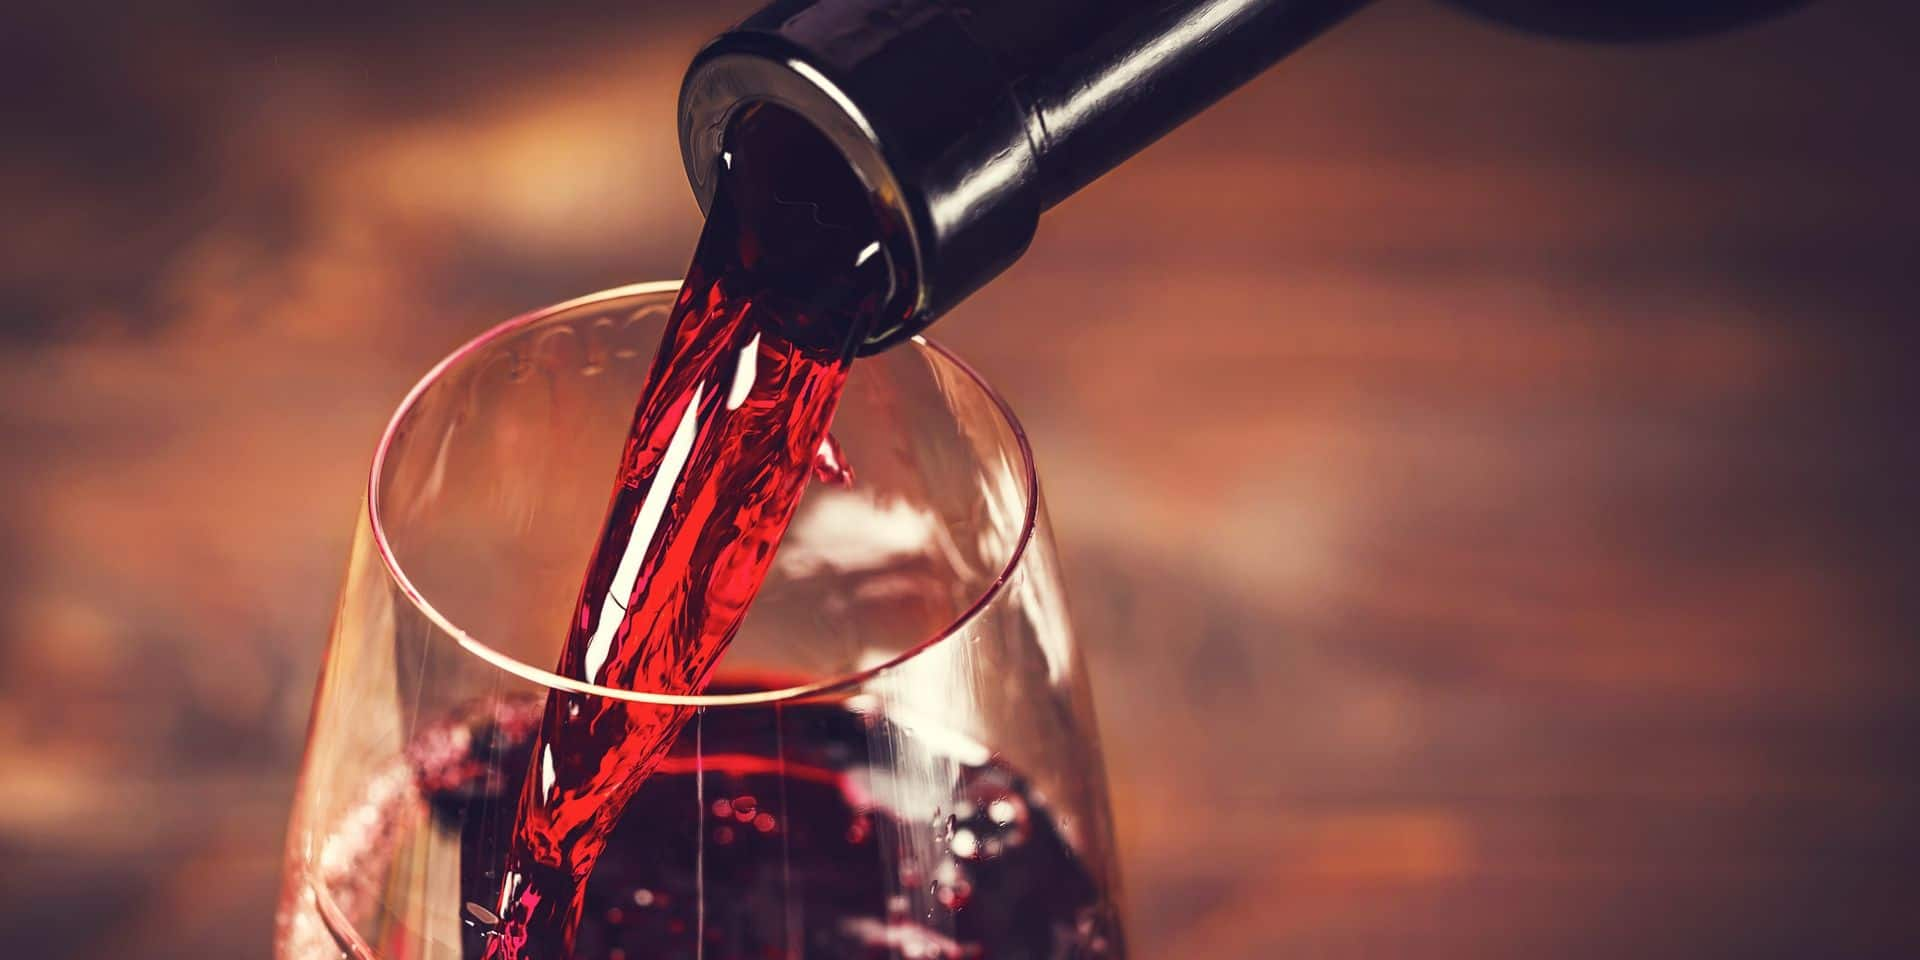 La France va remettre à la Belgique un Français recherché pour un vol de vin d'une valeur de 20.000 euros